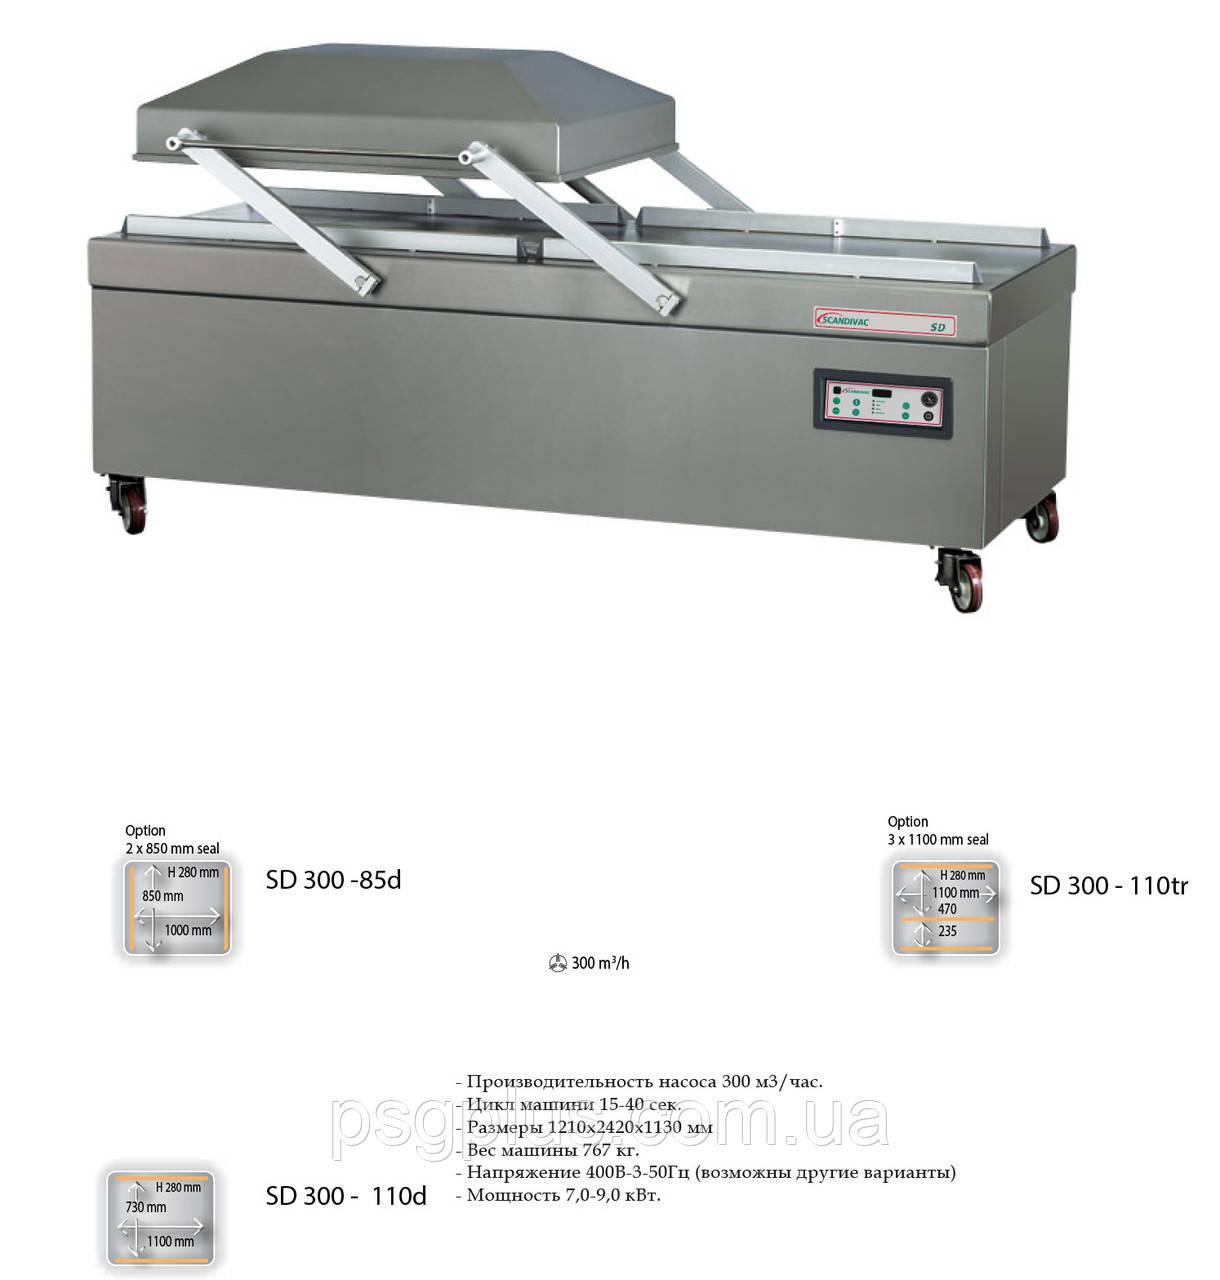 Вакуумная двухкамерная упаковочная машина SCANDIVAC SD 300d